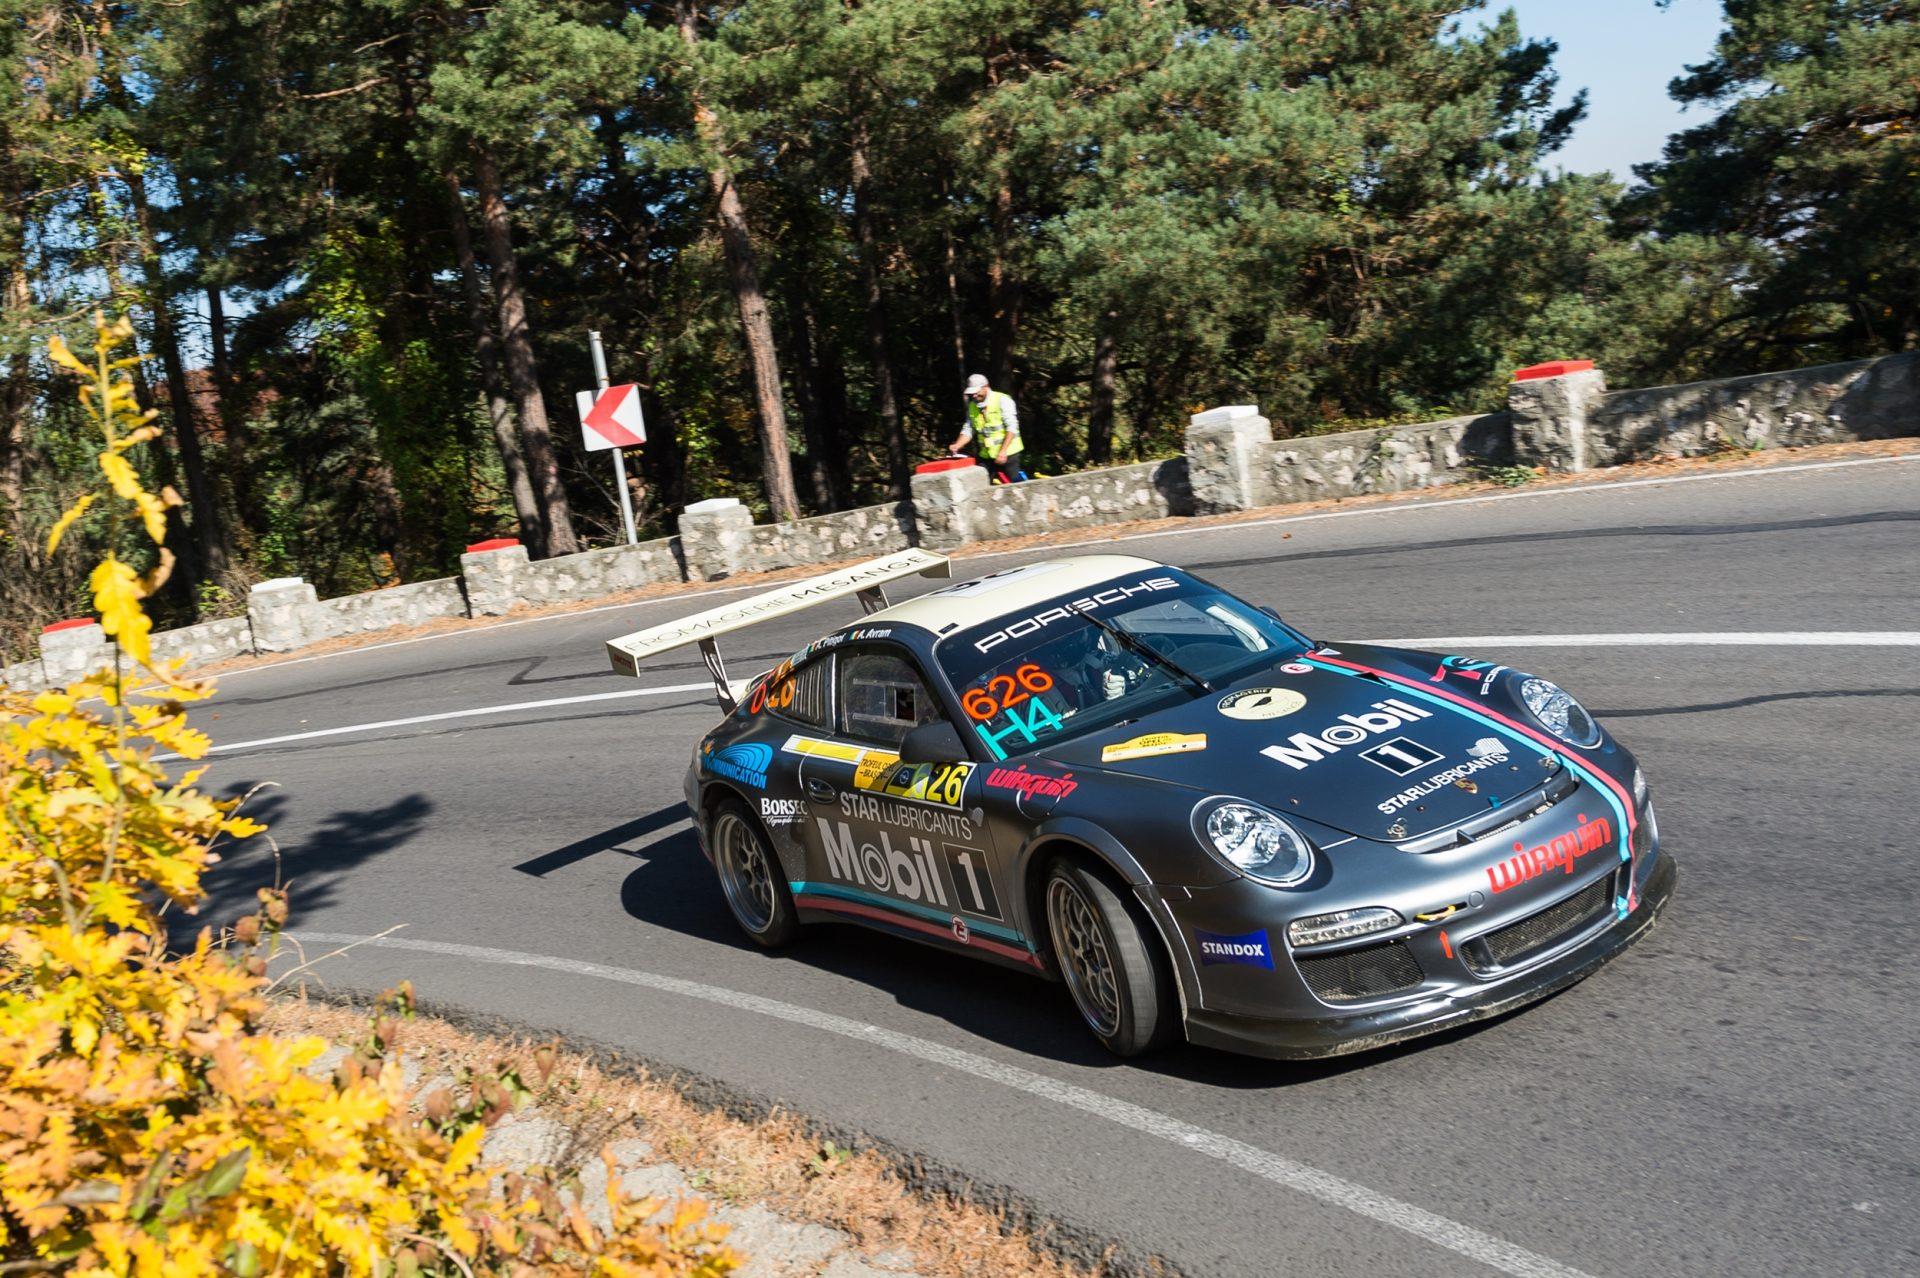 """Alexandru Pitigoi: """"Un Porsche nu este usor de pilotat si necesita multa implicare, in schimb ofera senzatii extraordinare"""""""